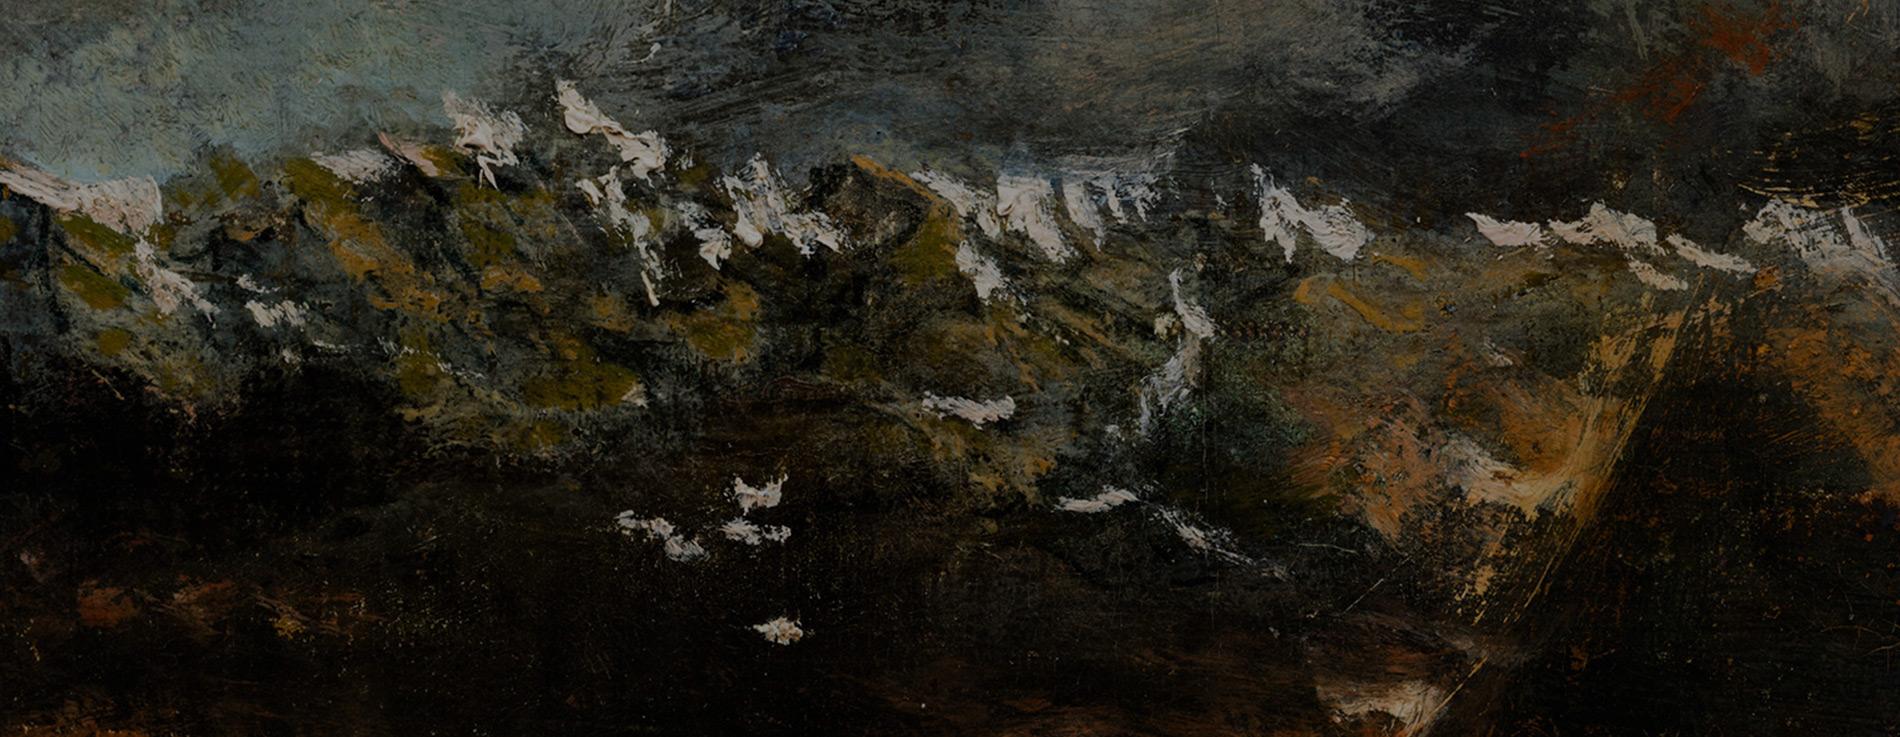 Théodore Rousseau exhibition